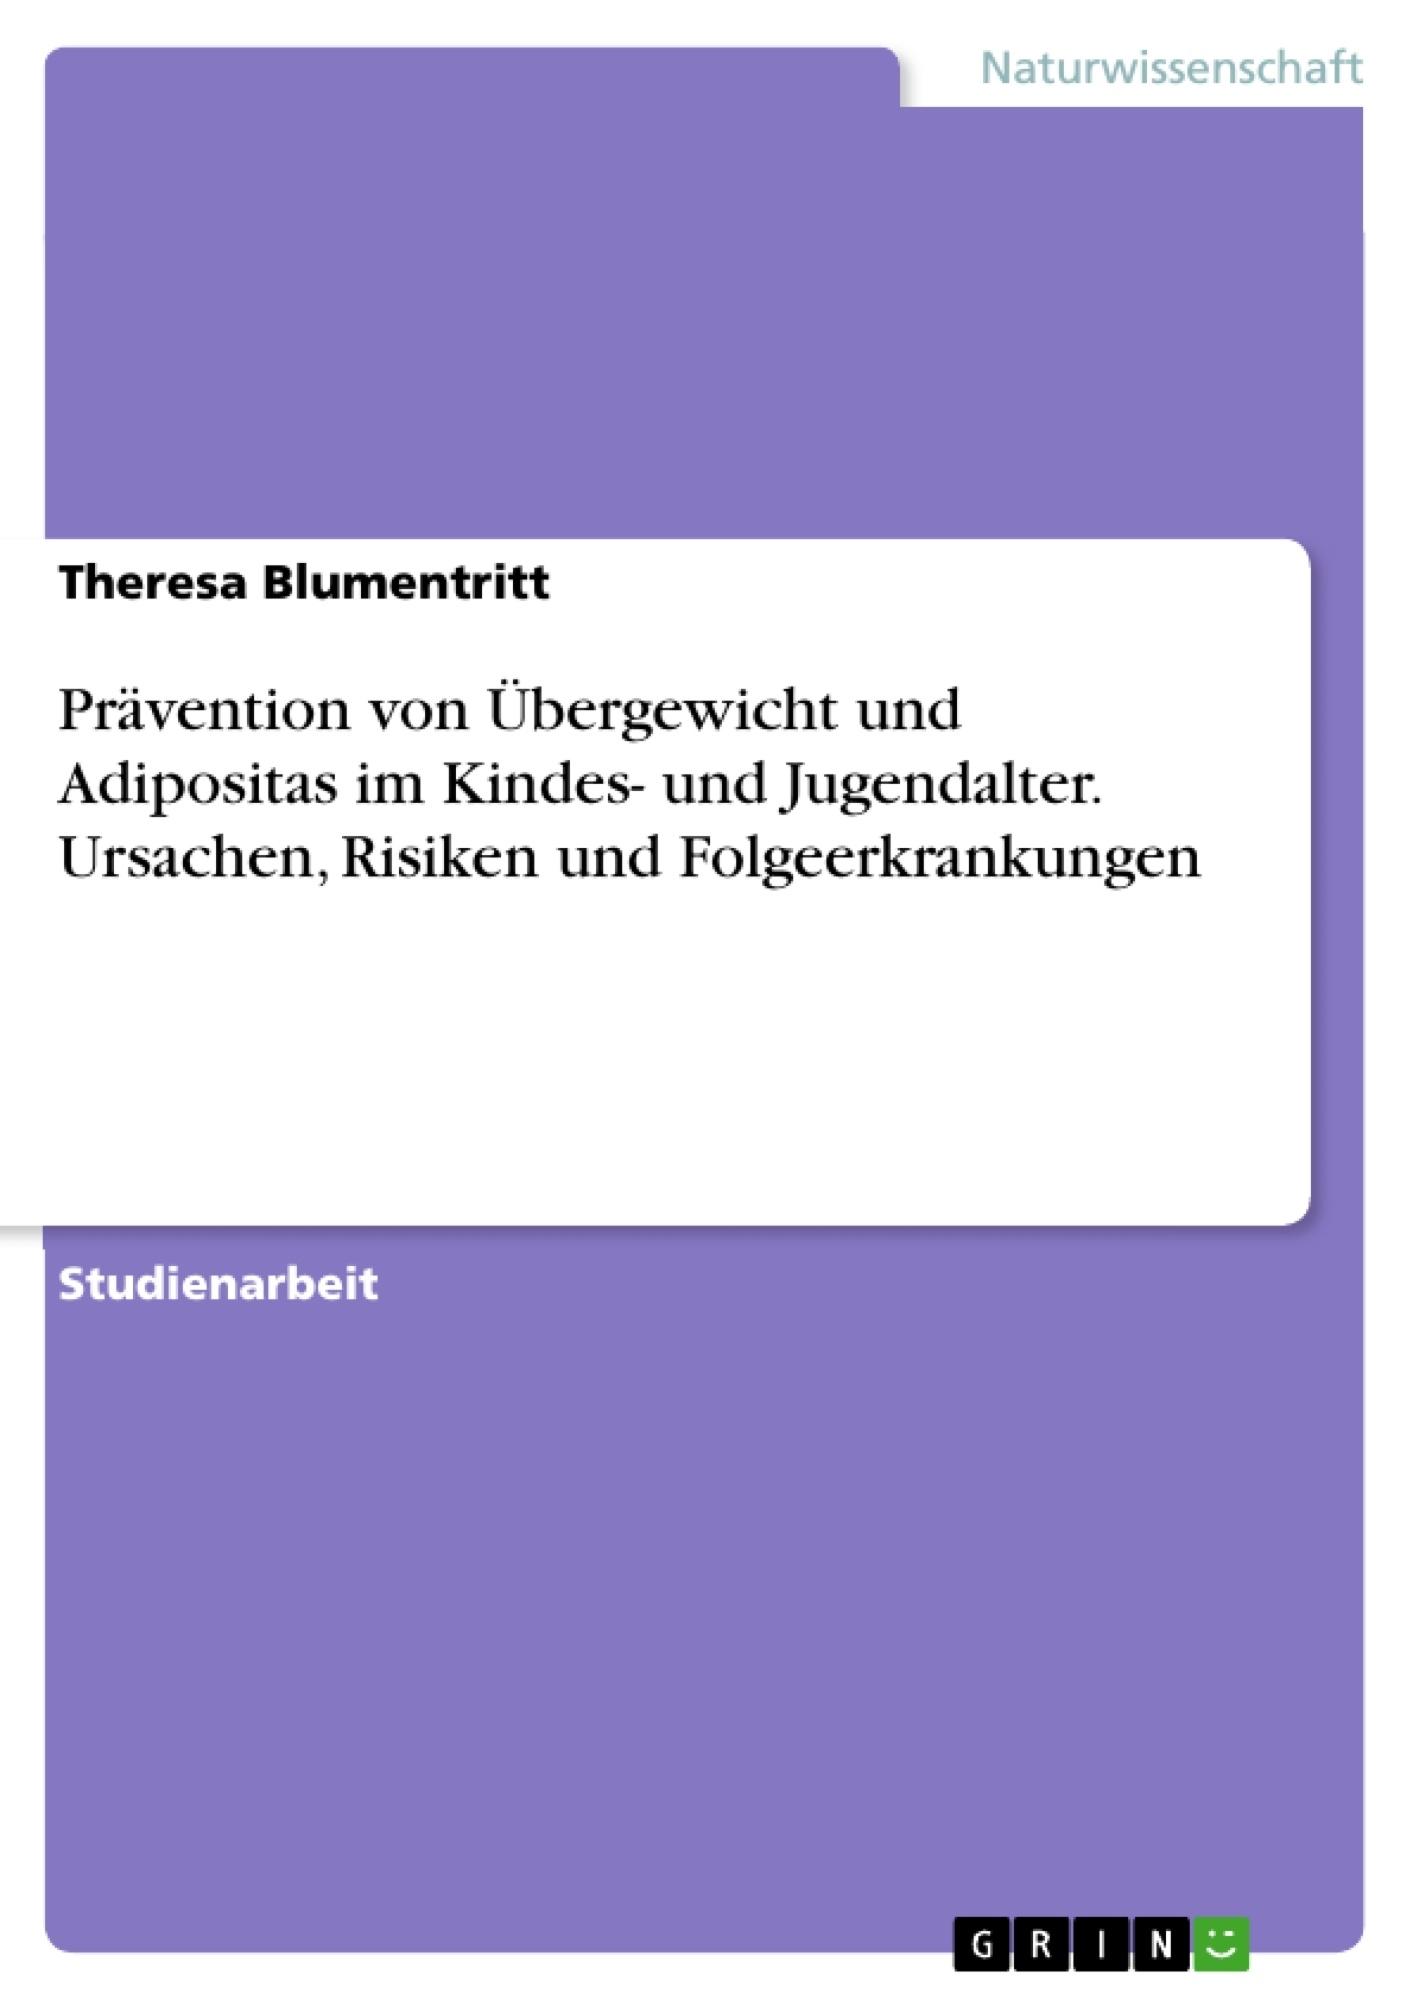 Titel: Prävention von Übergewicht und Adipositas im Kindes- und Jugendalter. Ursachen, Risiken und Folgeerkrankungen